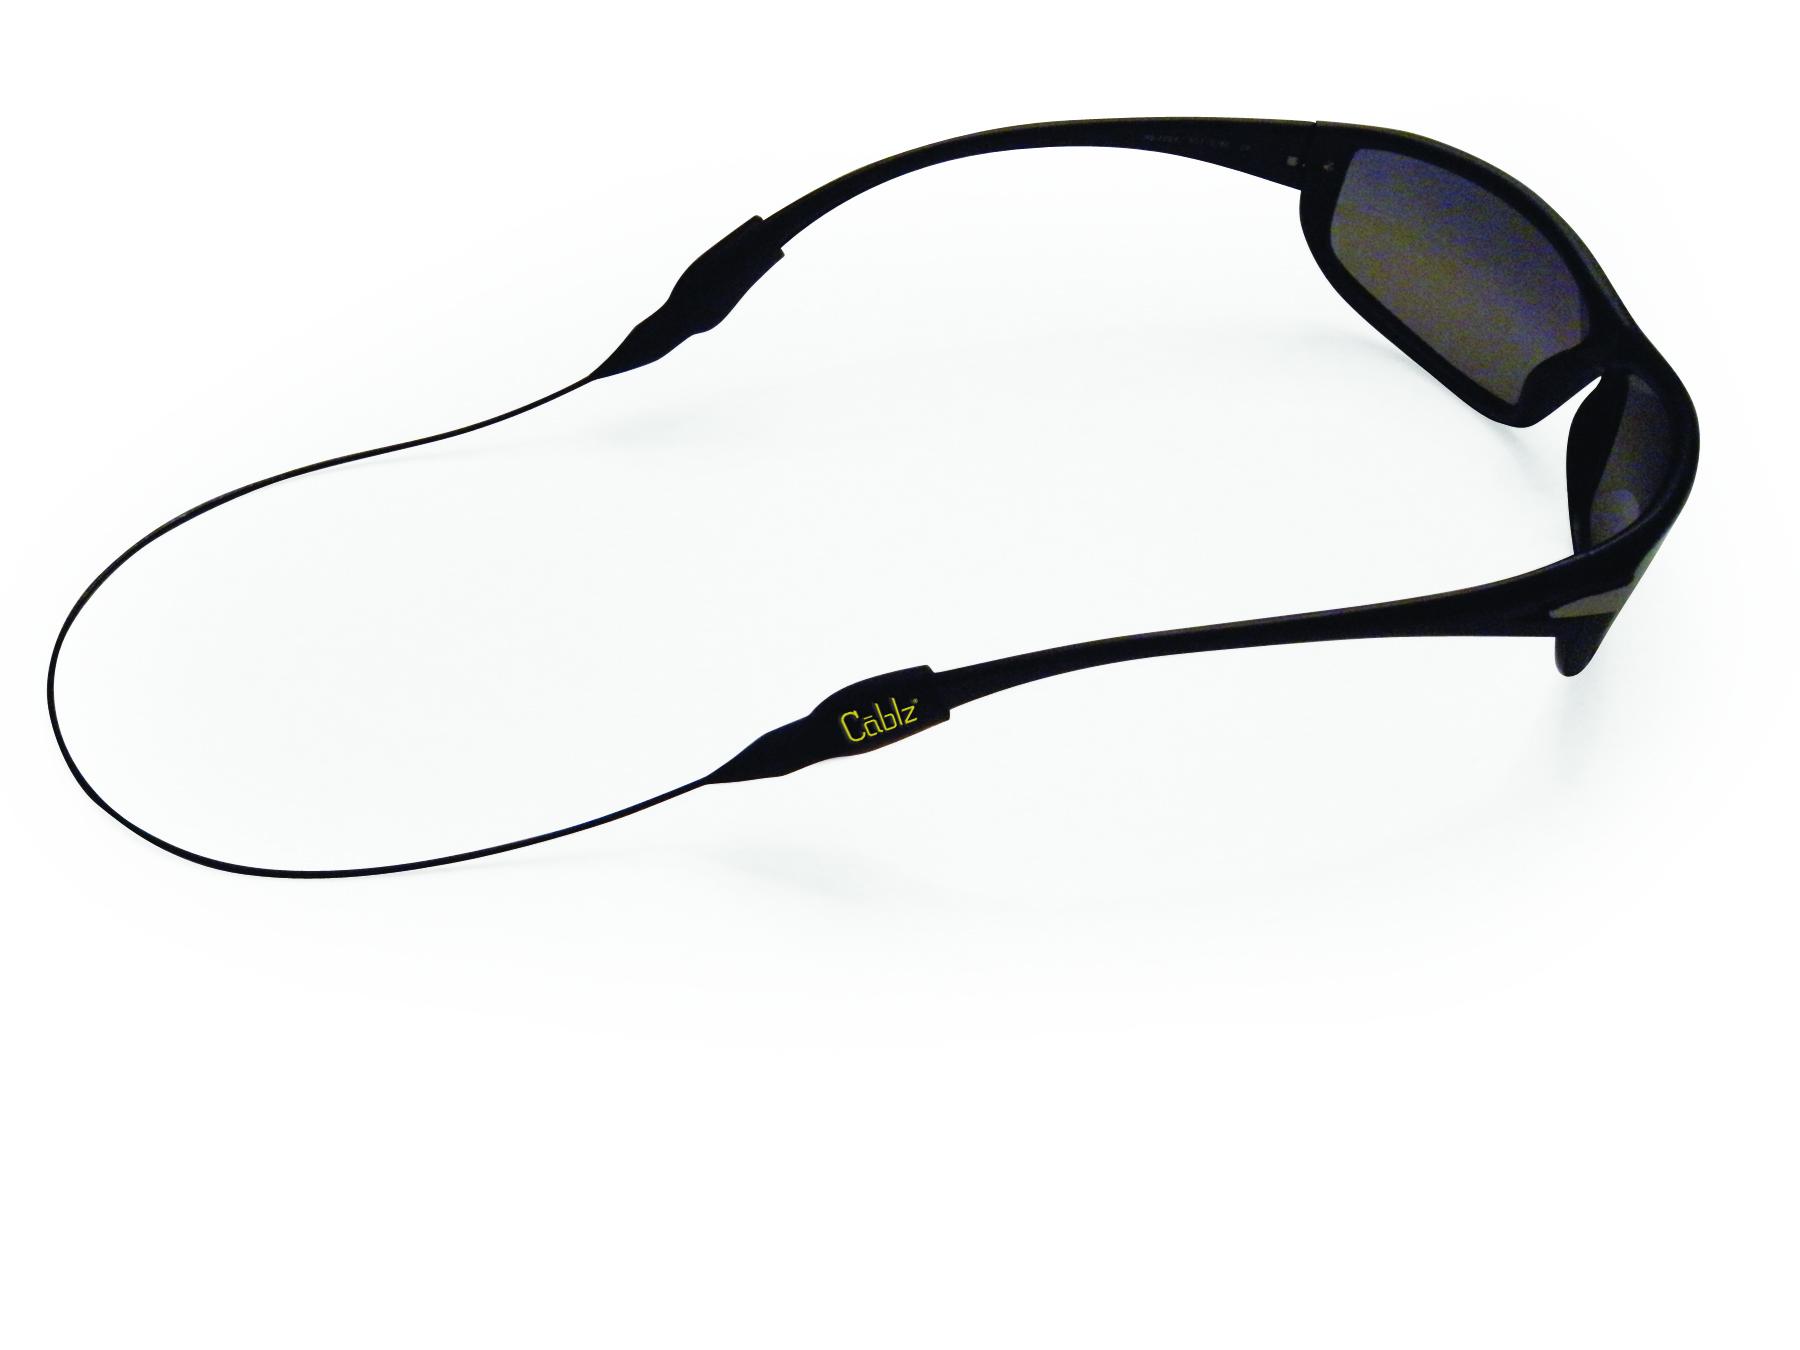 Cablz Glasses Leash